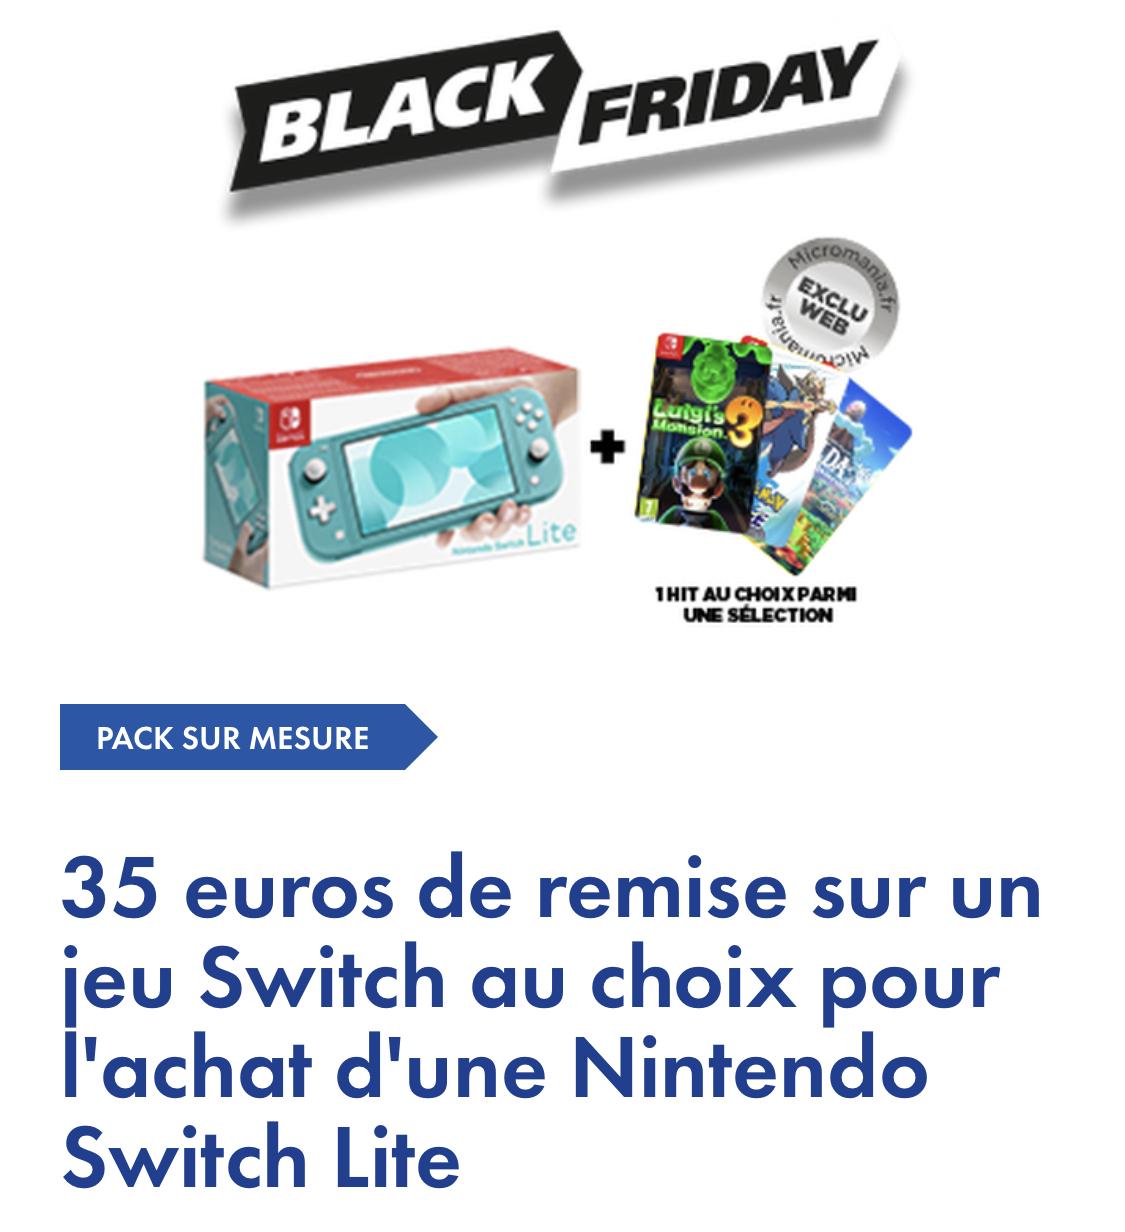 35€ de réduction sur un jeu vidéo Switch pour l'achat d'une console Nintendo Switch Lite